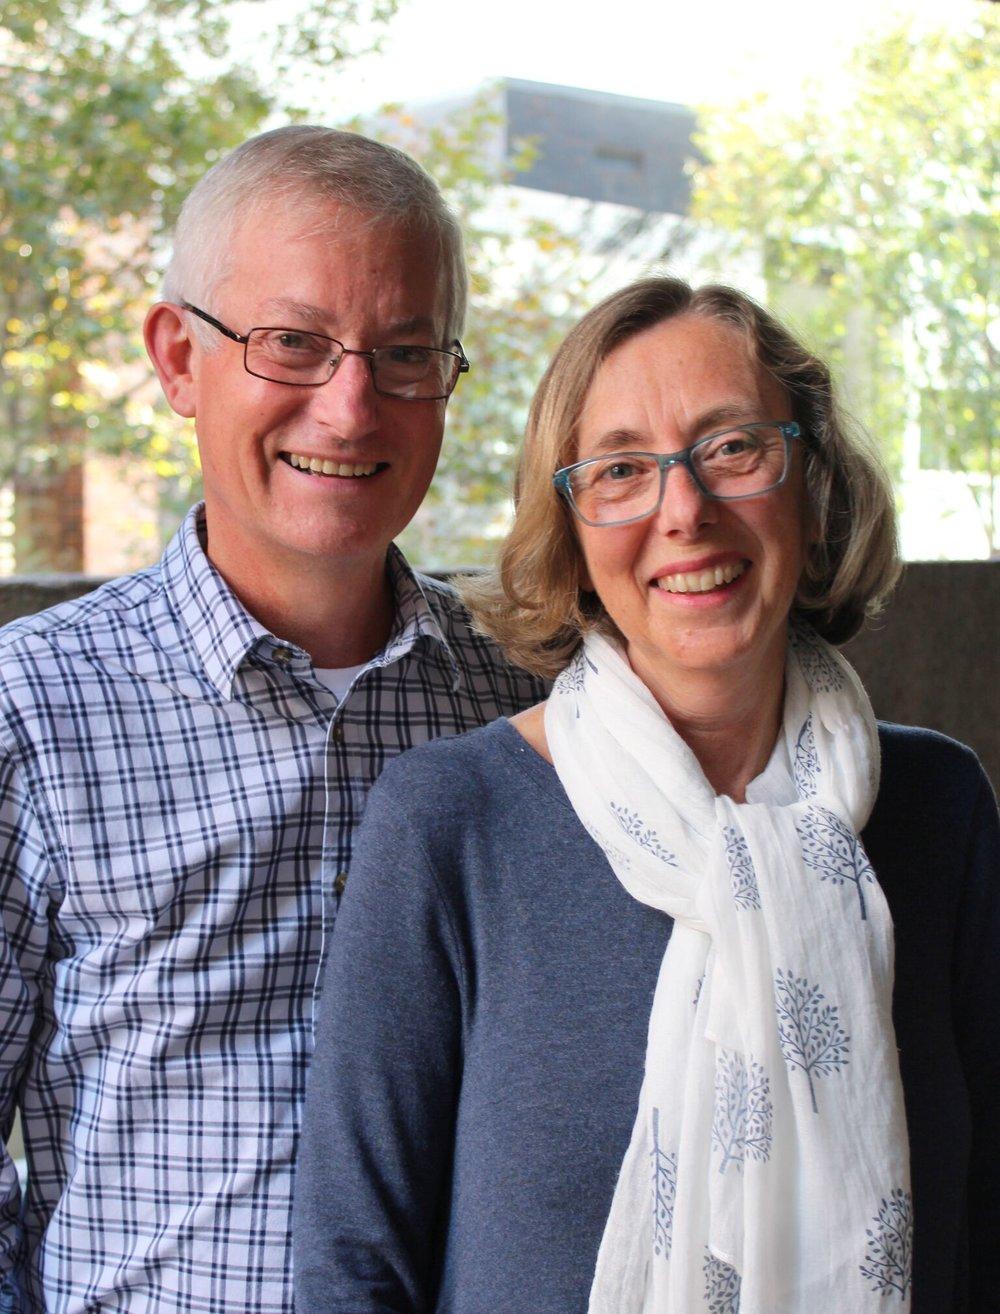 Keith&SarahCondie.jpg